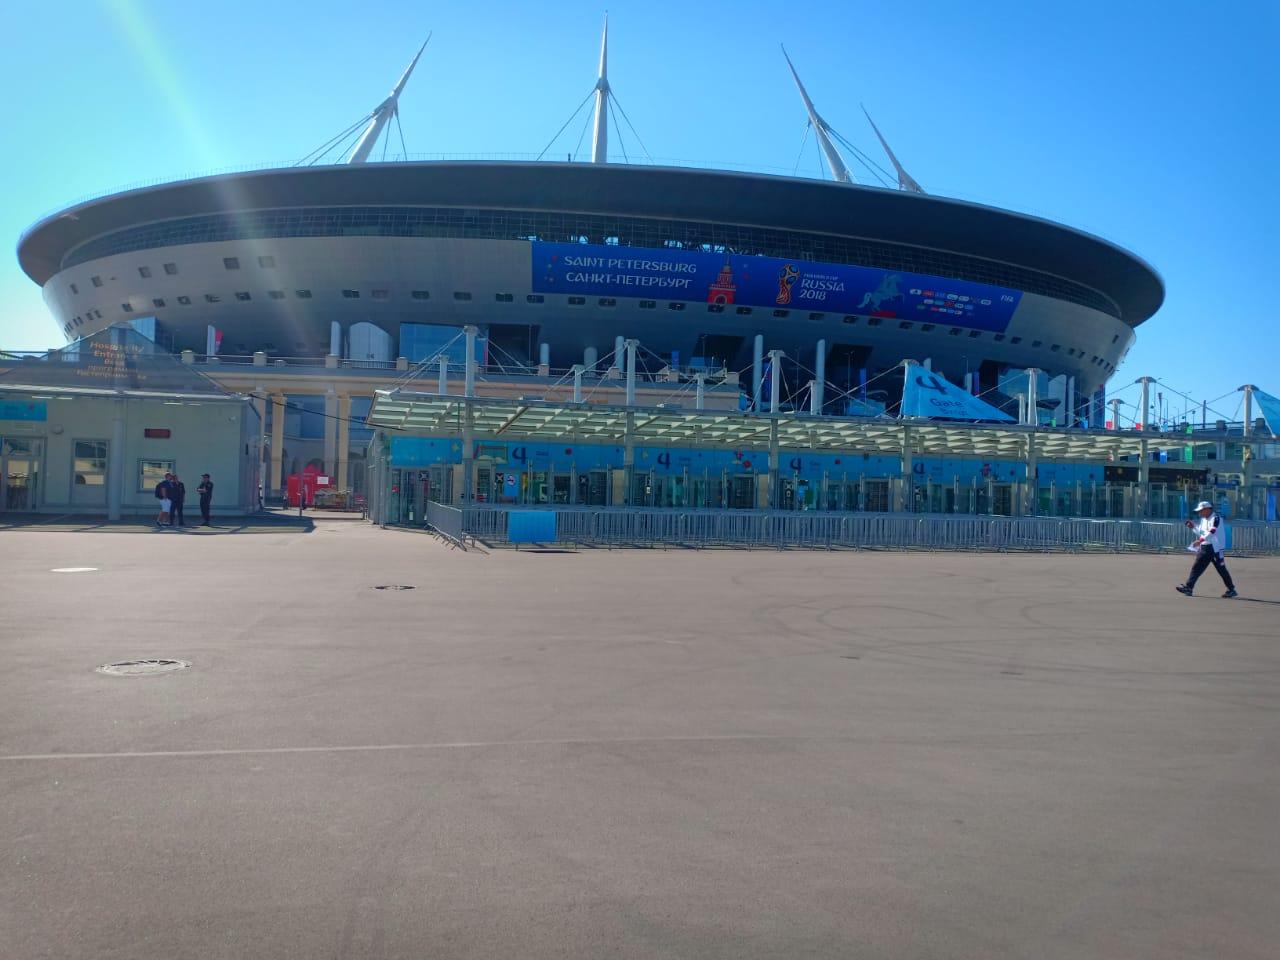 Voici le stade où se déroulera le match Maroc/Iran